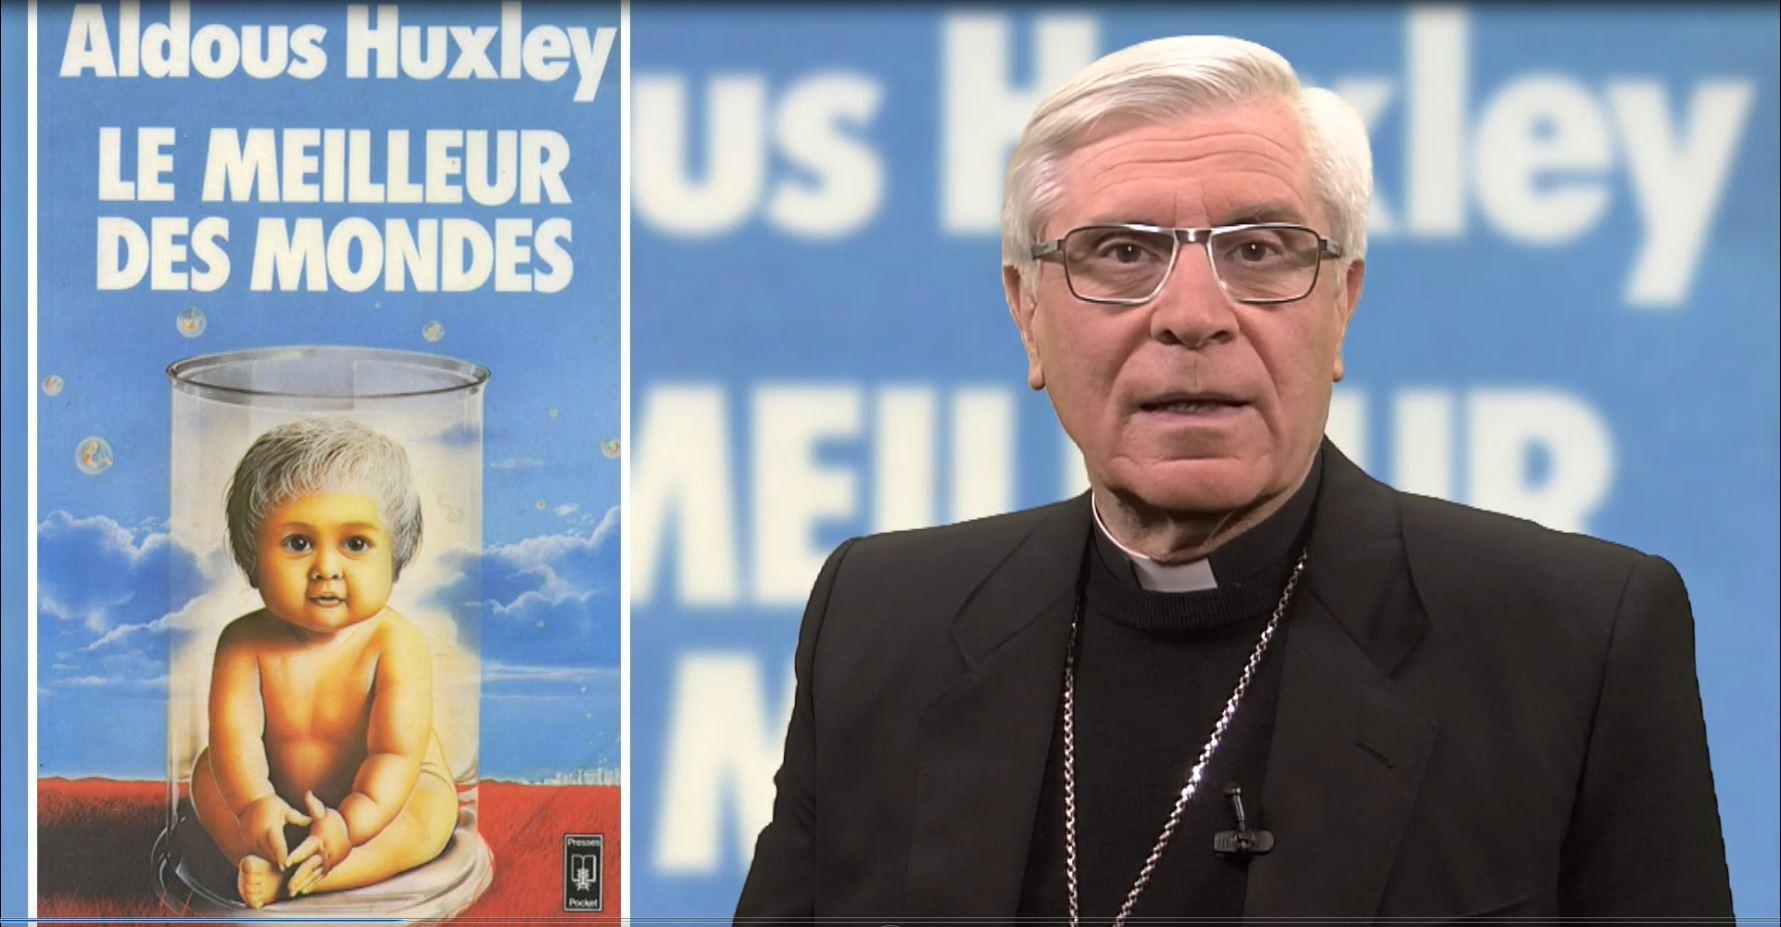 La chronique de Mgr Jean-Michel di Falco Léandri : Quel avenir voulons-nous ?